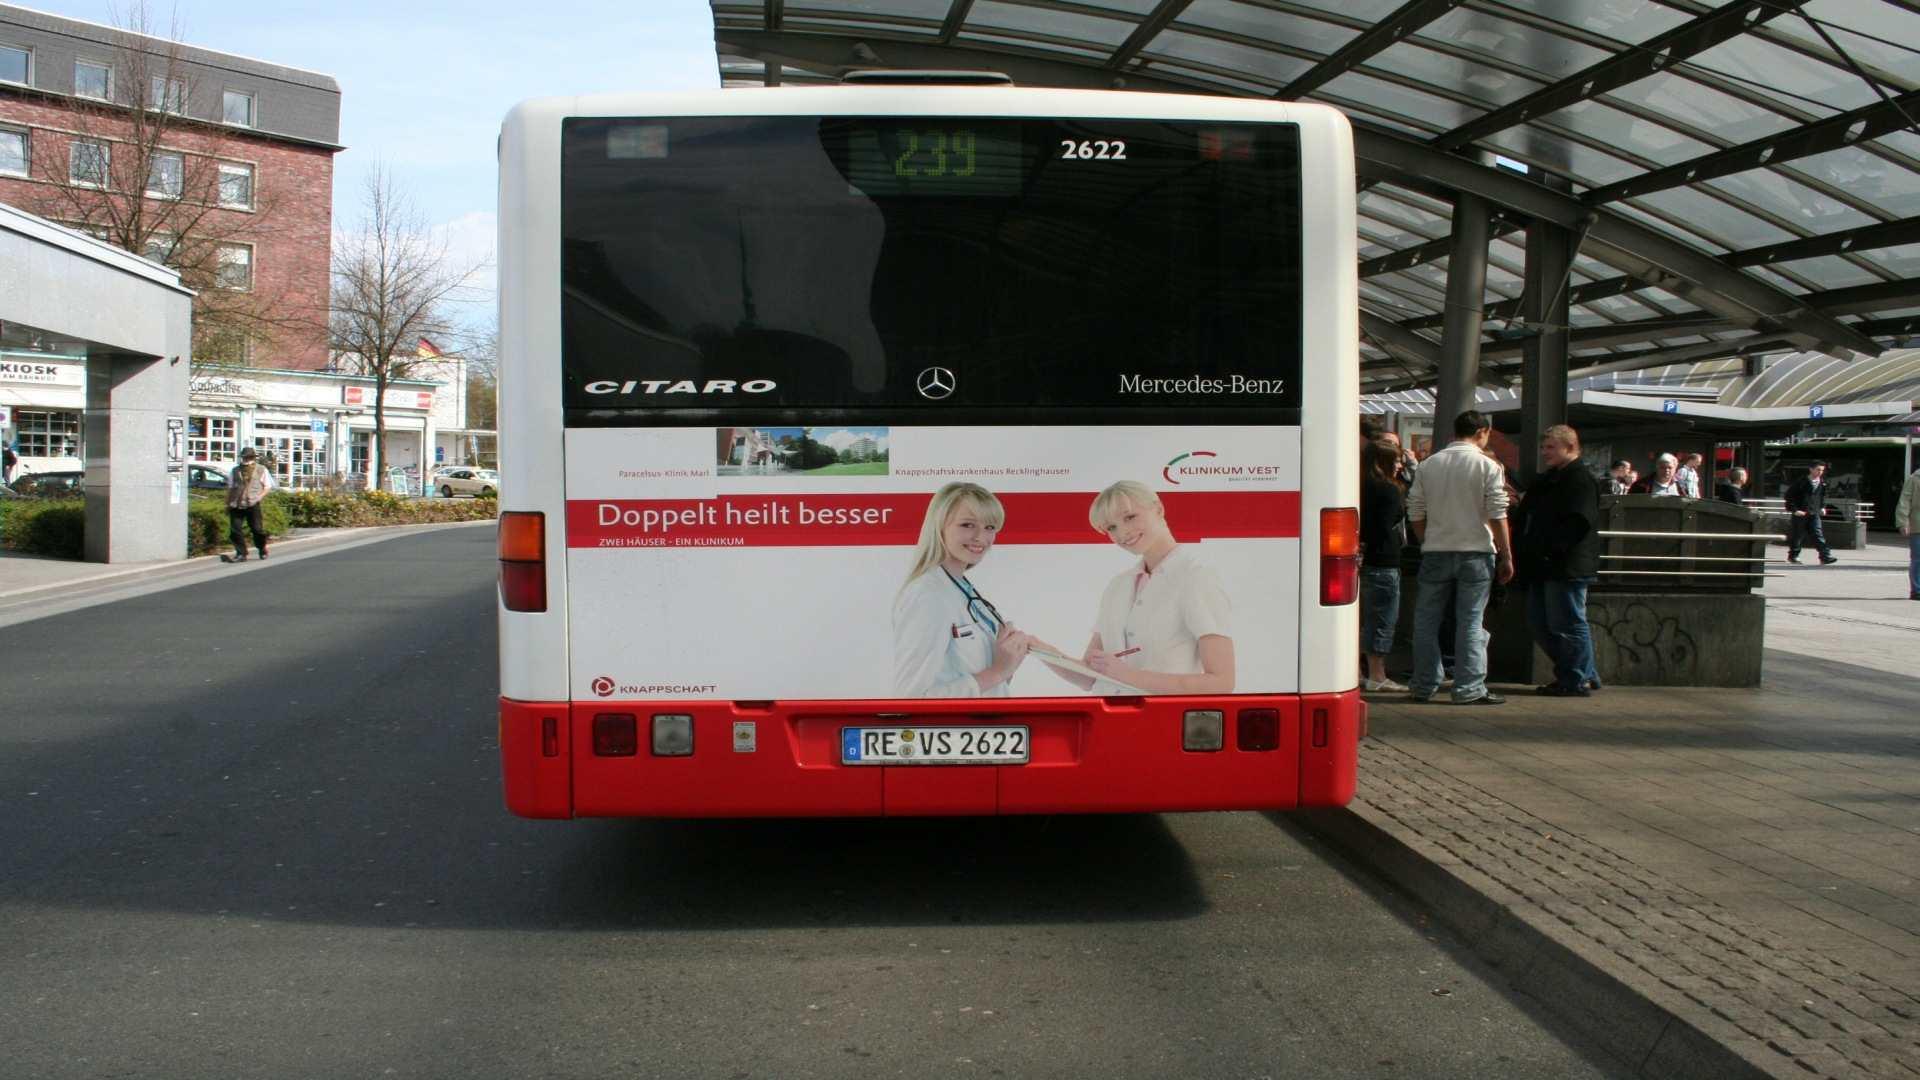 Buswerbung Klinikum Vest - Werbemittel